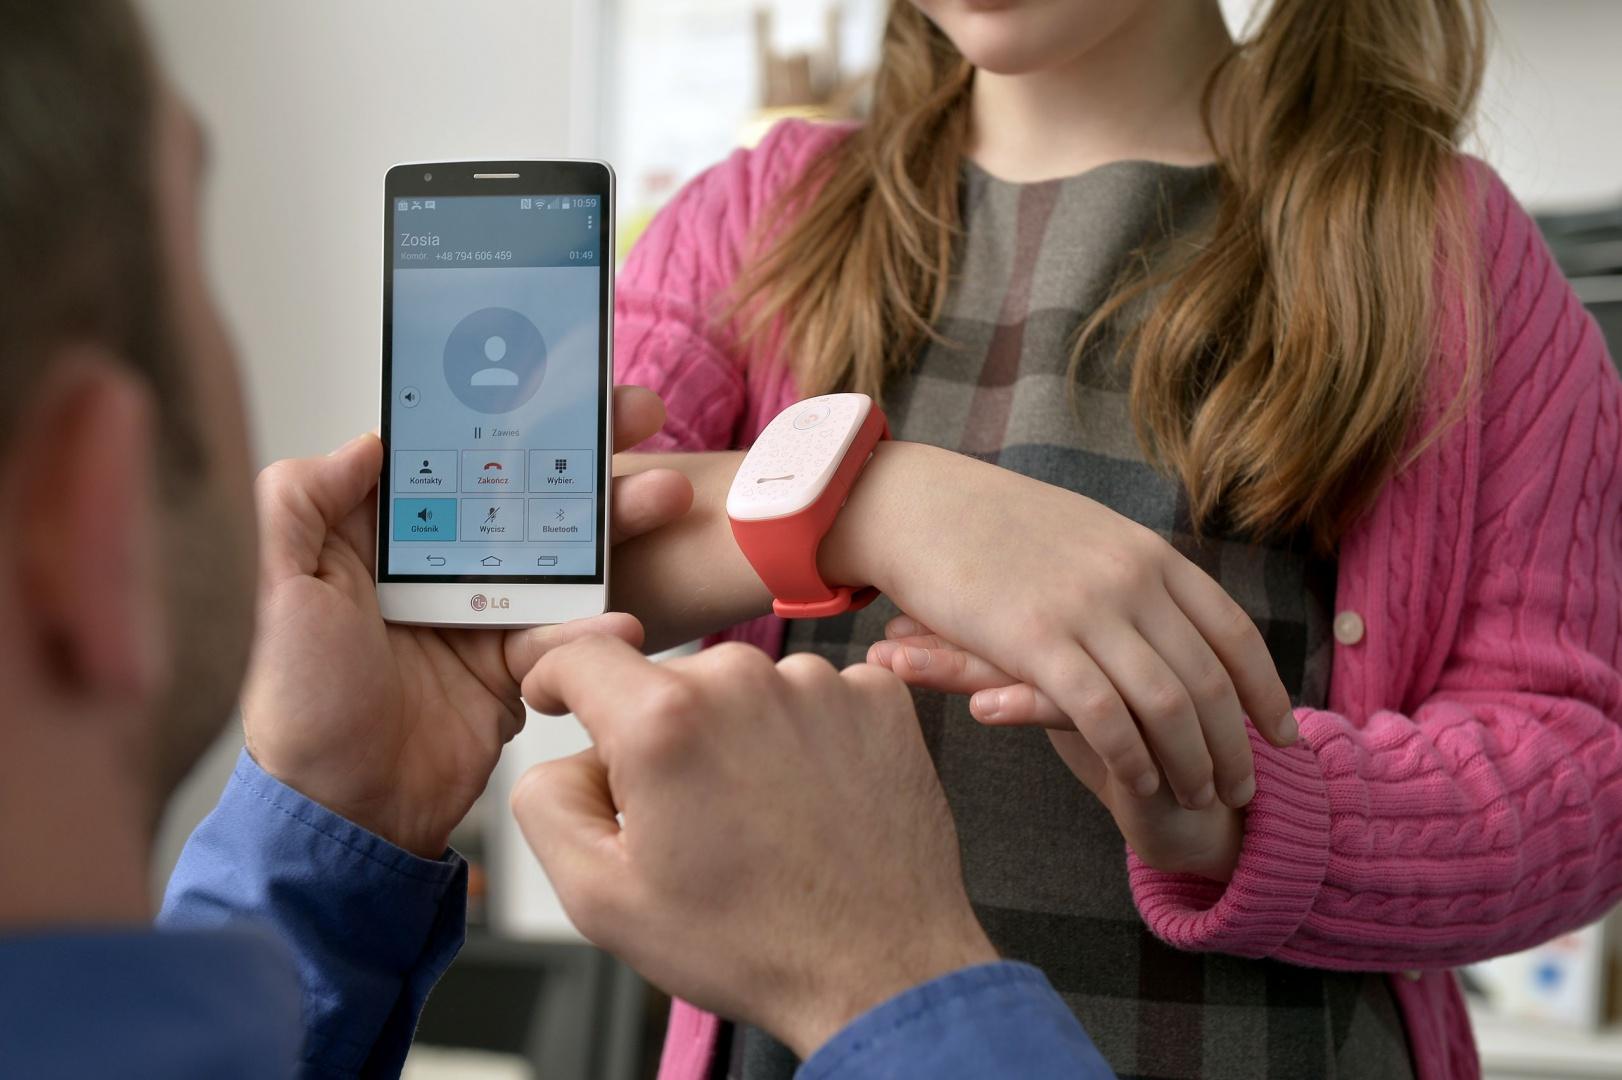 Inteligentna opaska KizON pozwala na stały kontakt z dzieckiem i ustalenie jego lokalizacji przez aplikację na smartfonie rodziców Z numerów przypisanych opasce można zadzwonić do dziecka, a ono może zatelefonować do rodziców przytrzymując przycisk. Fot. LG Electronics